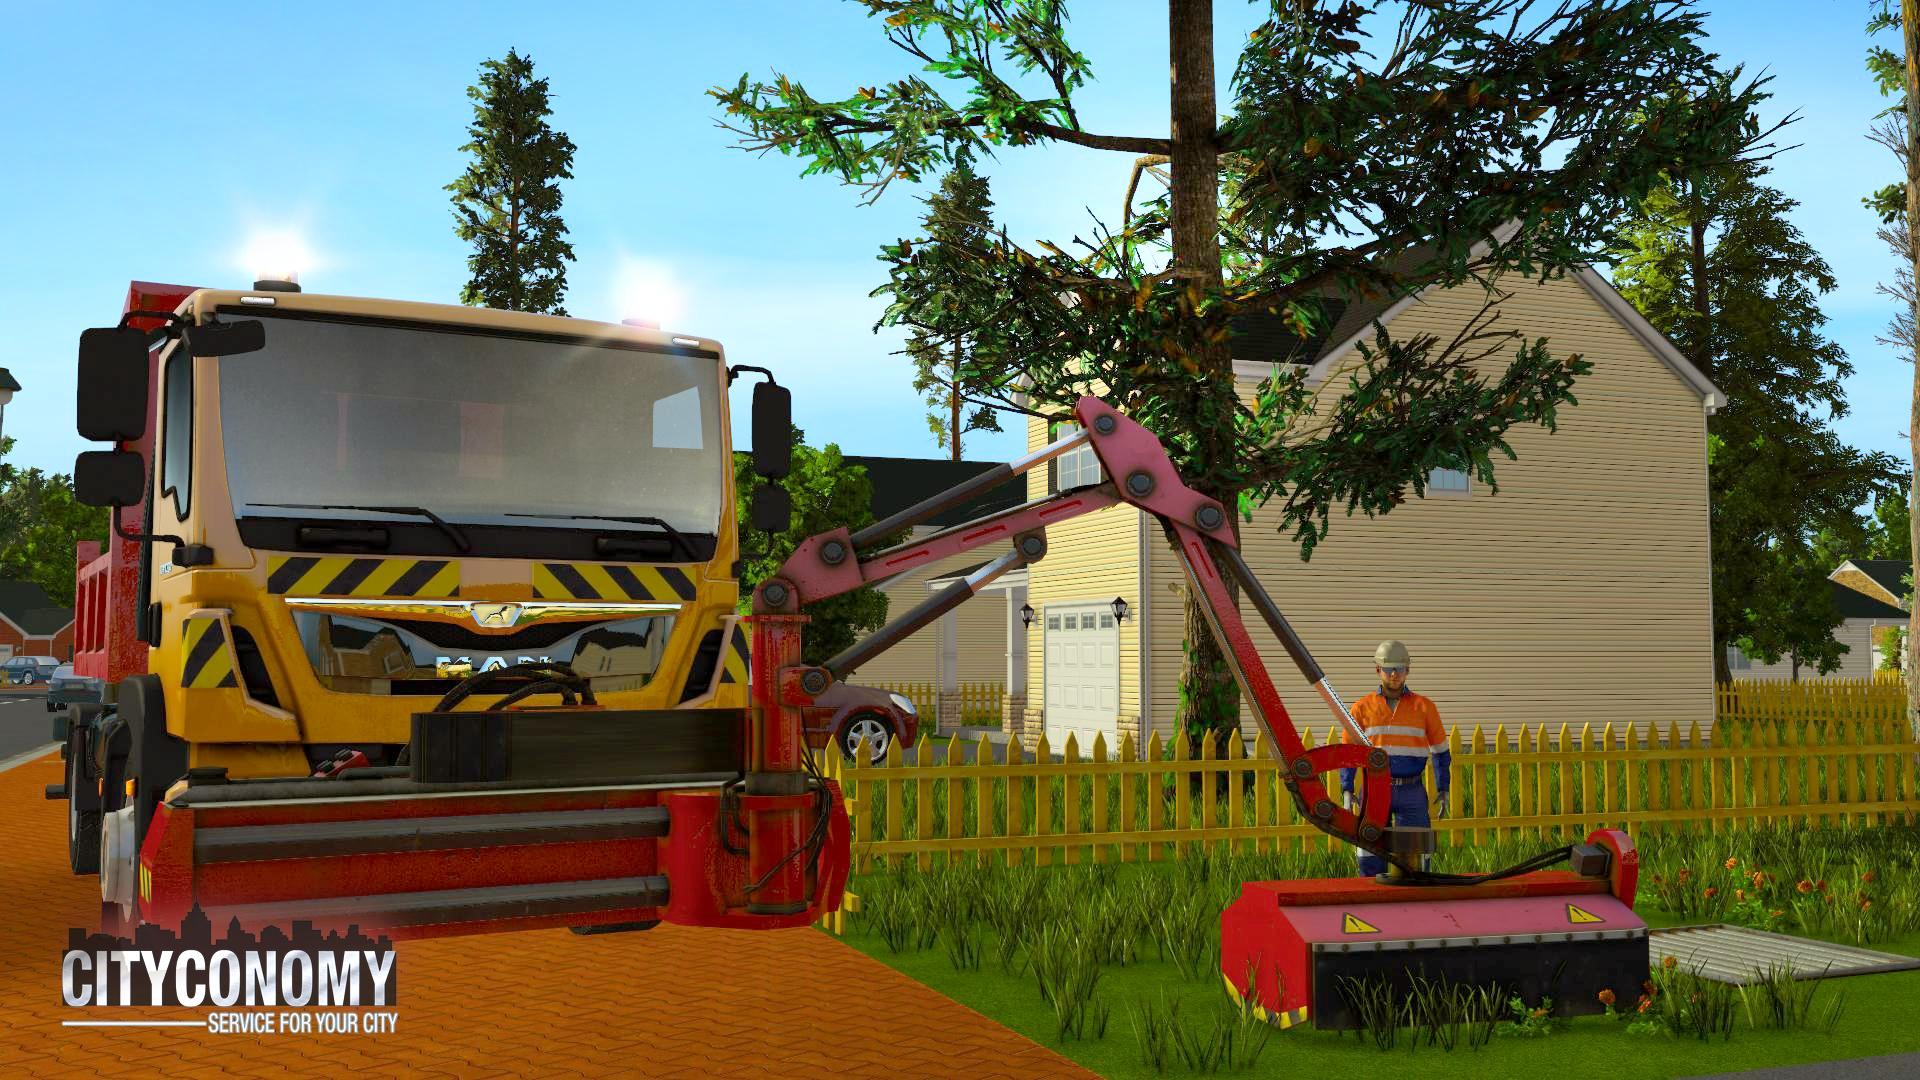 V simulátoru Cityconomy se budete starat o veřejné služby města 116066